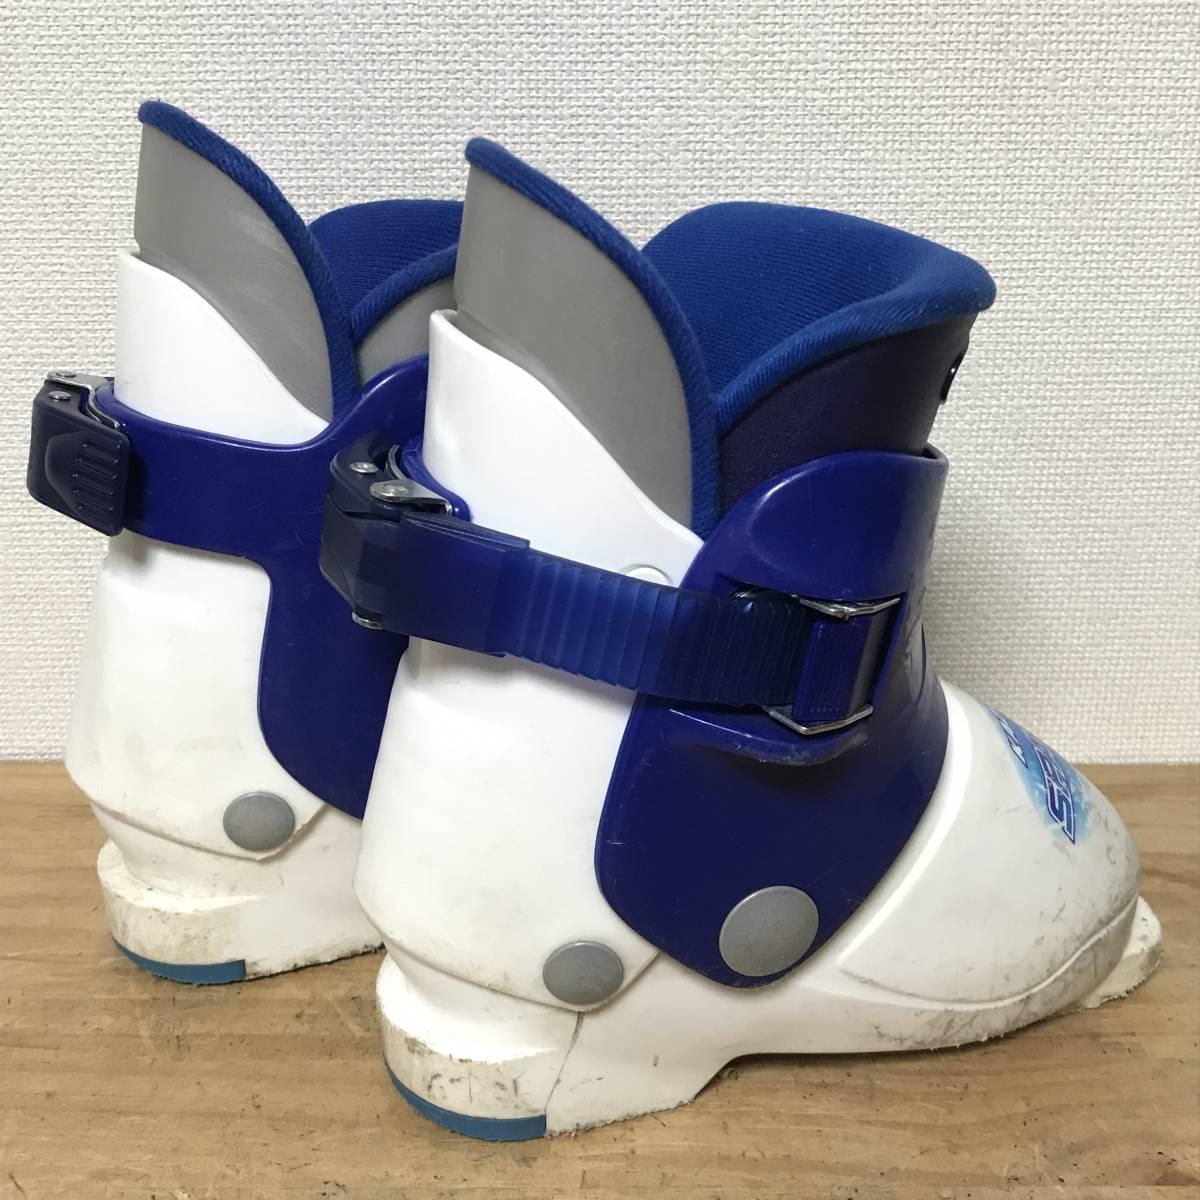 ジュニアスキーセット◆ケース付 KAZAMA 90cm ブーツ 17-18cm ポール 70cm キッズ 子供 ジュニア _画像9